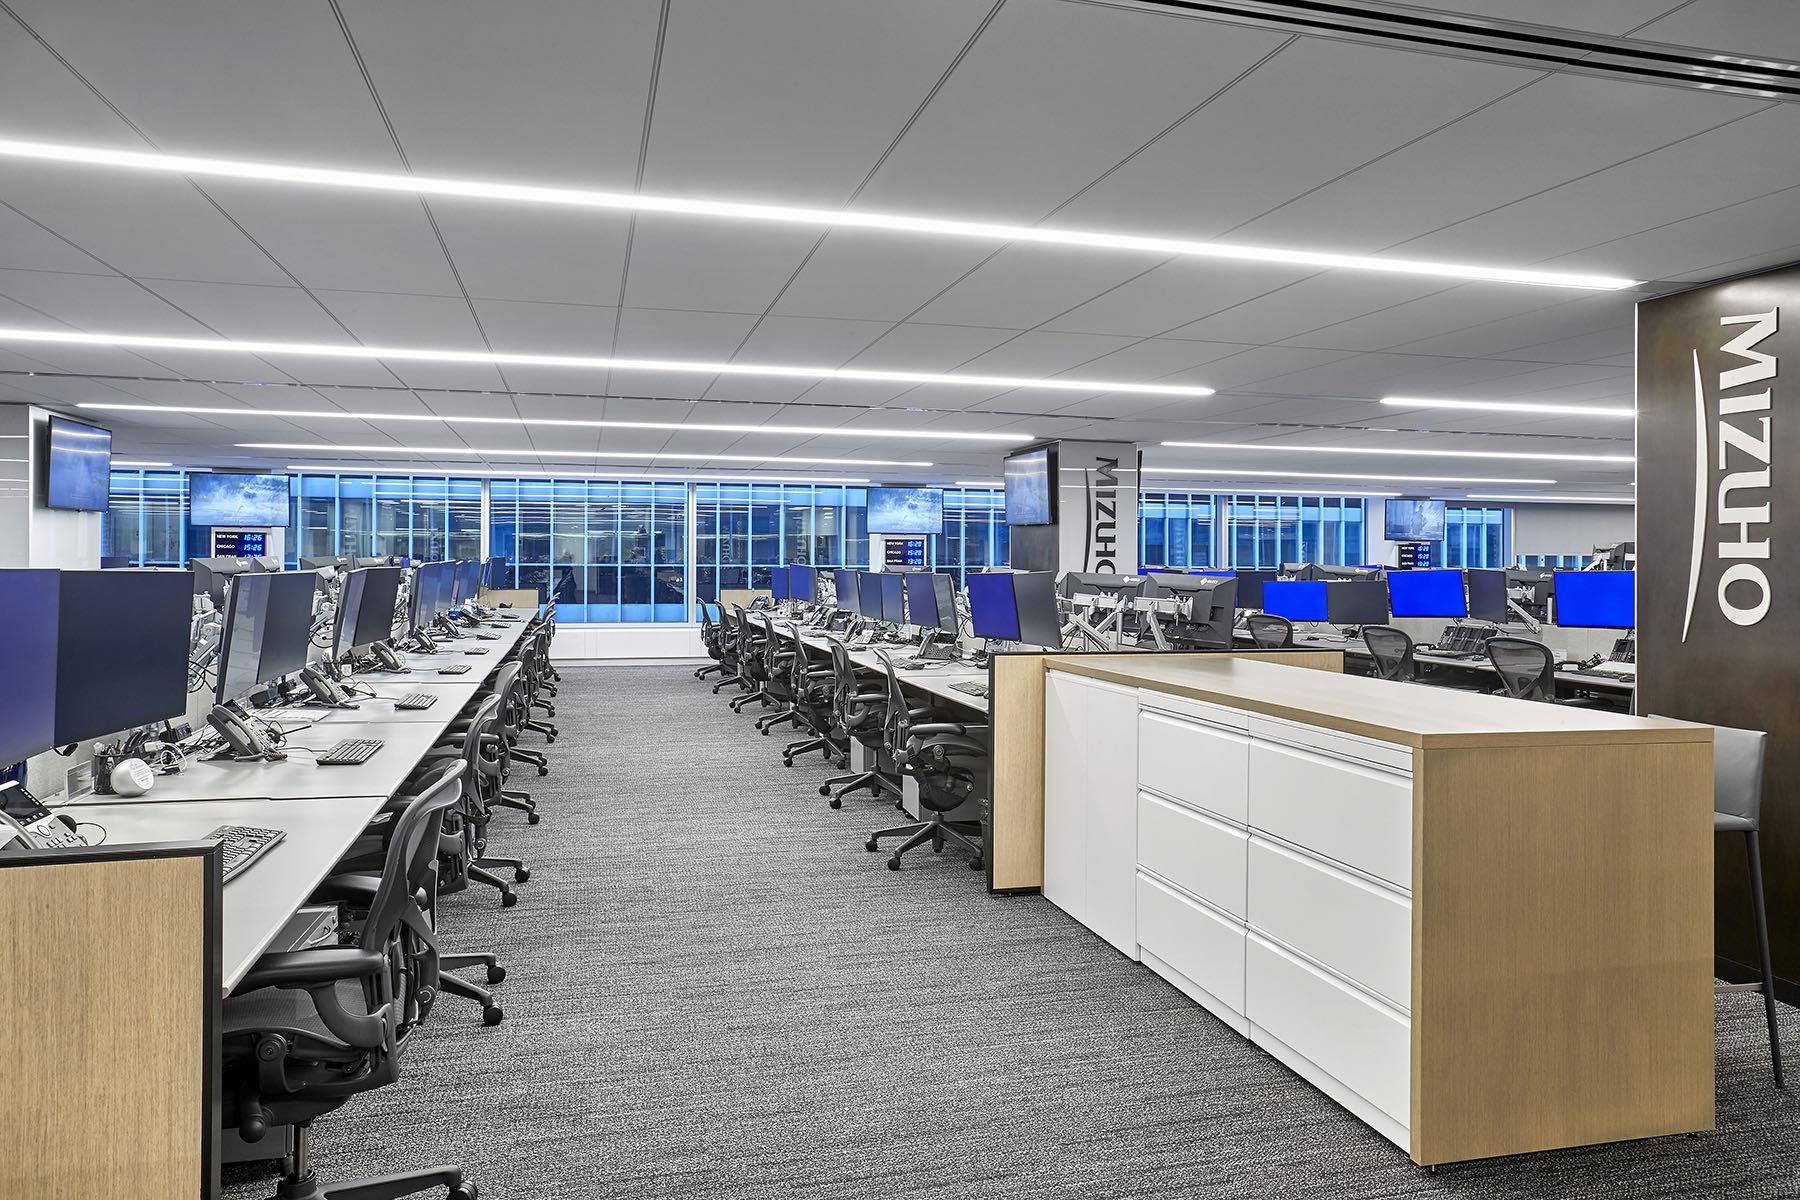 mizuho-nyc-office-10